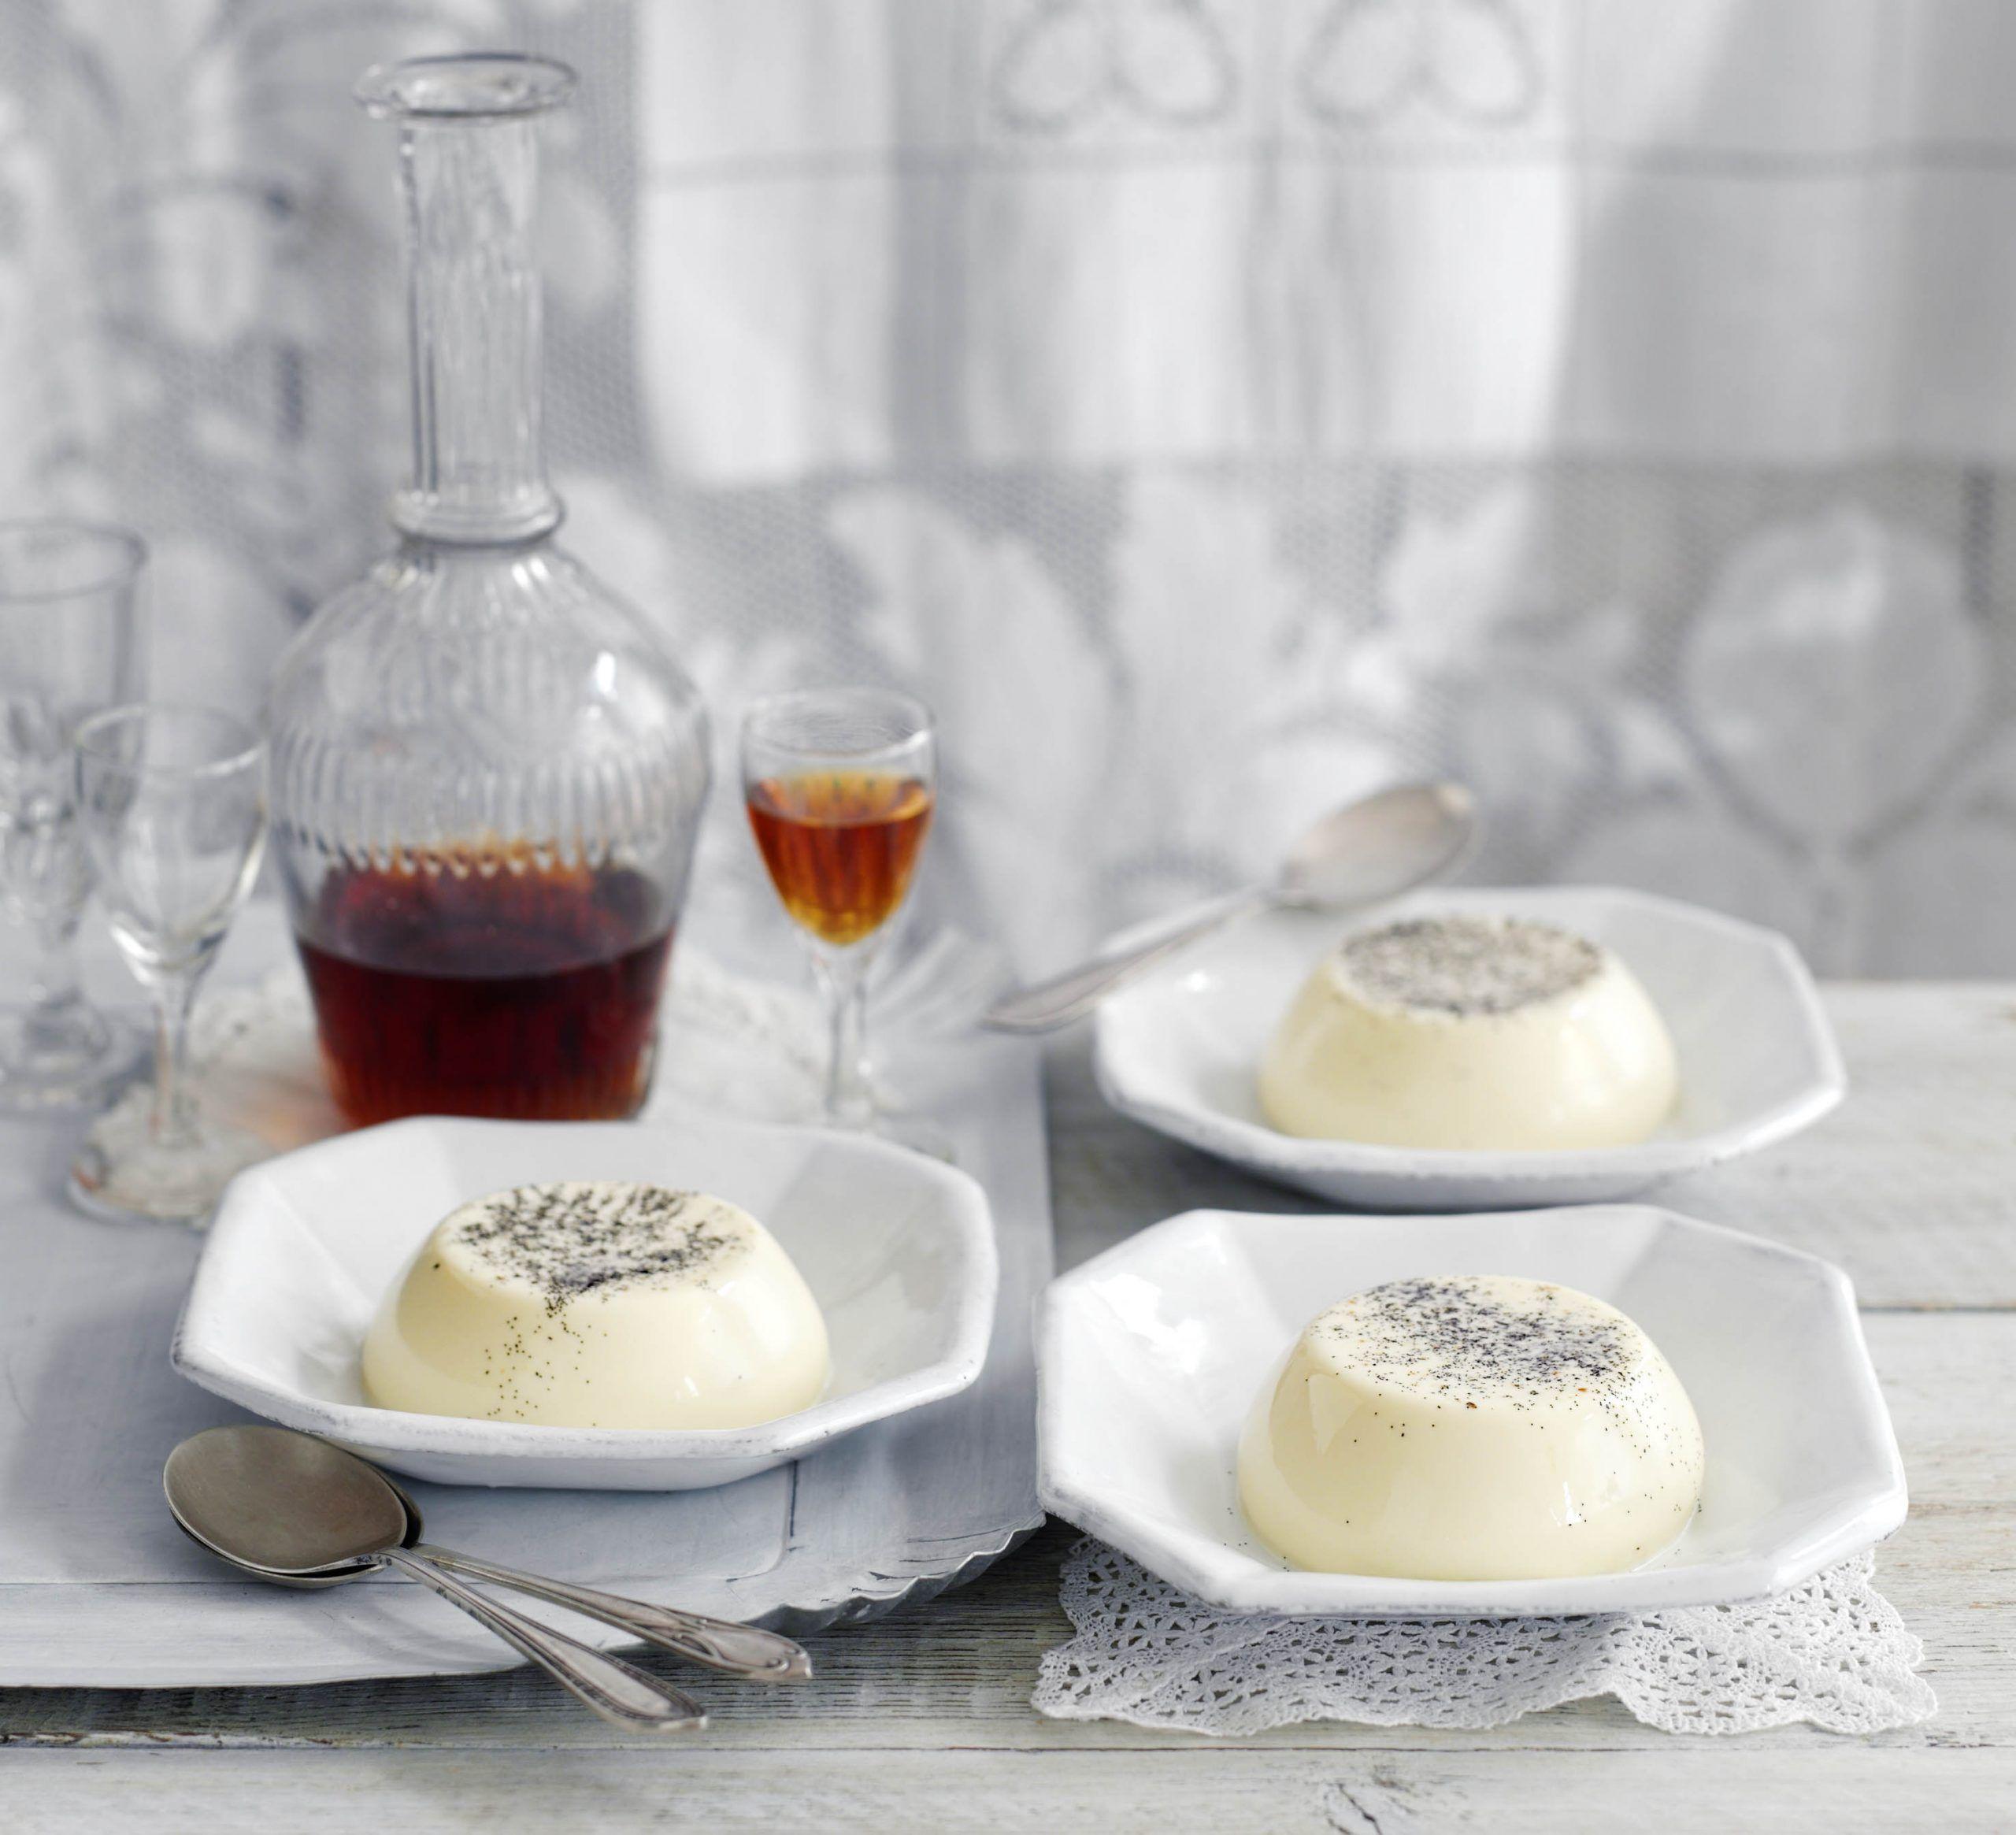 Vanilie panna cottas servite în feluri mici de culoare albă